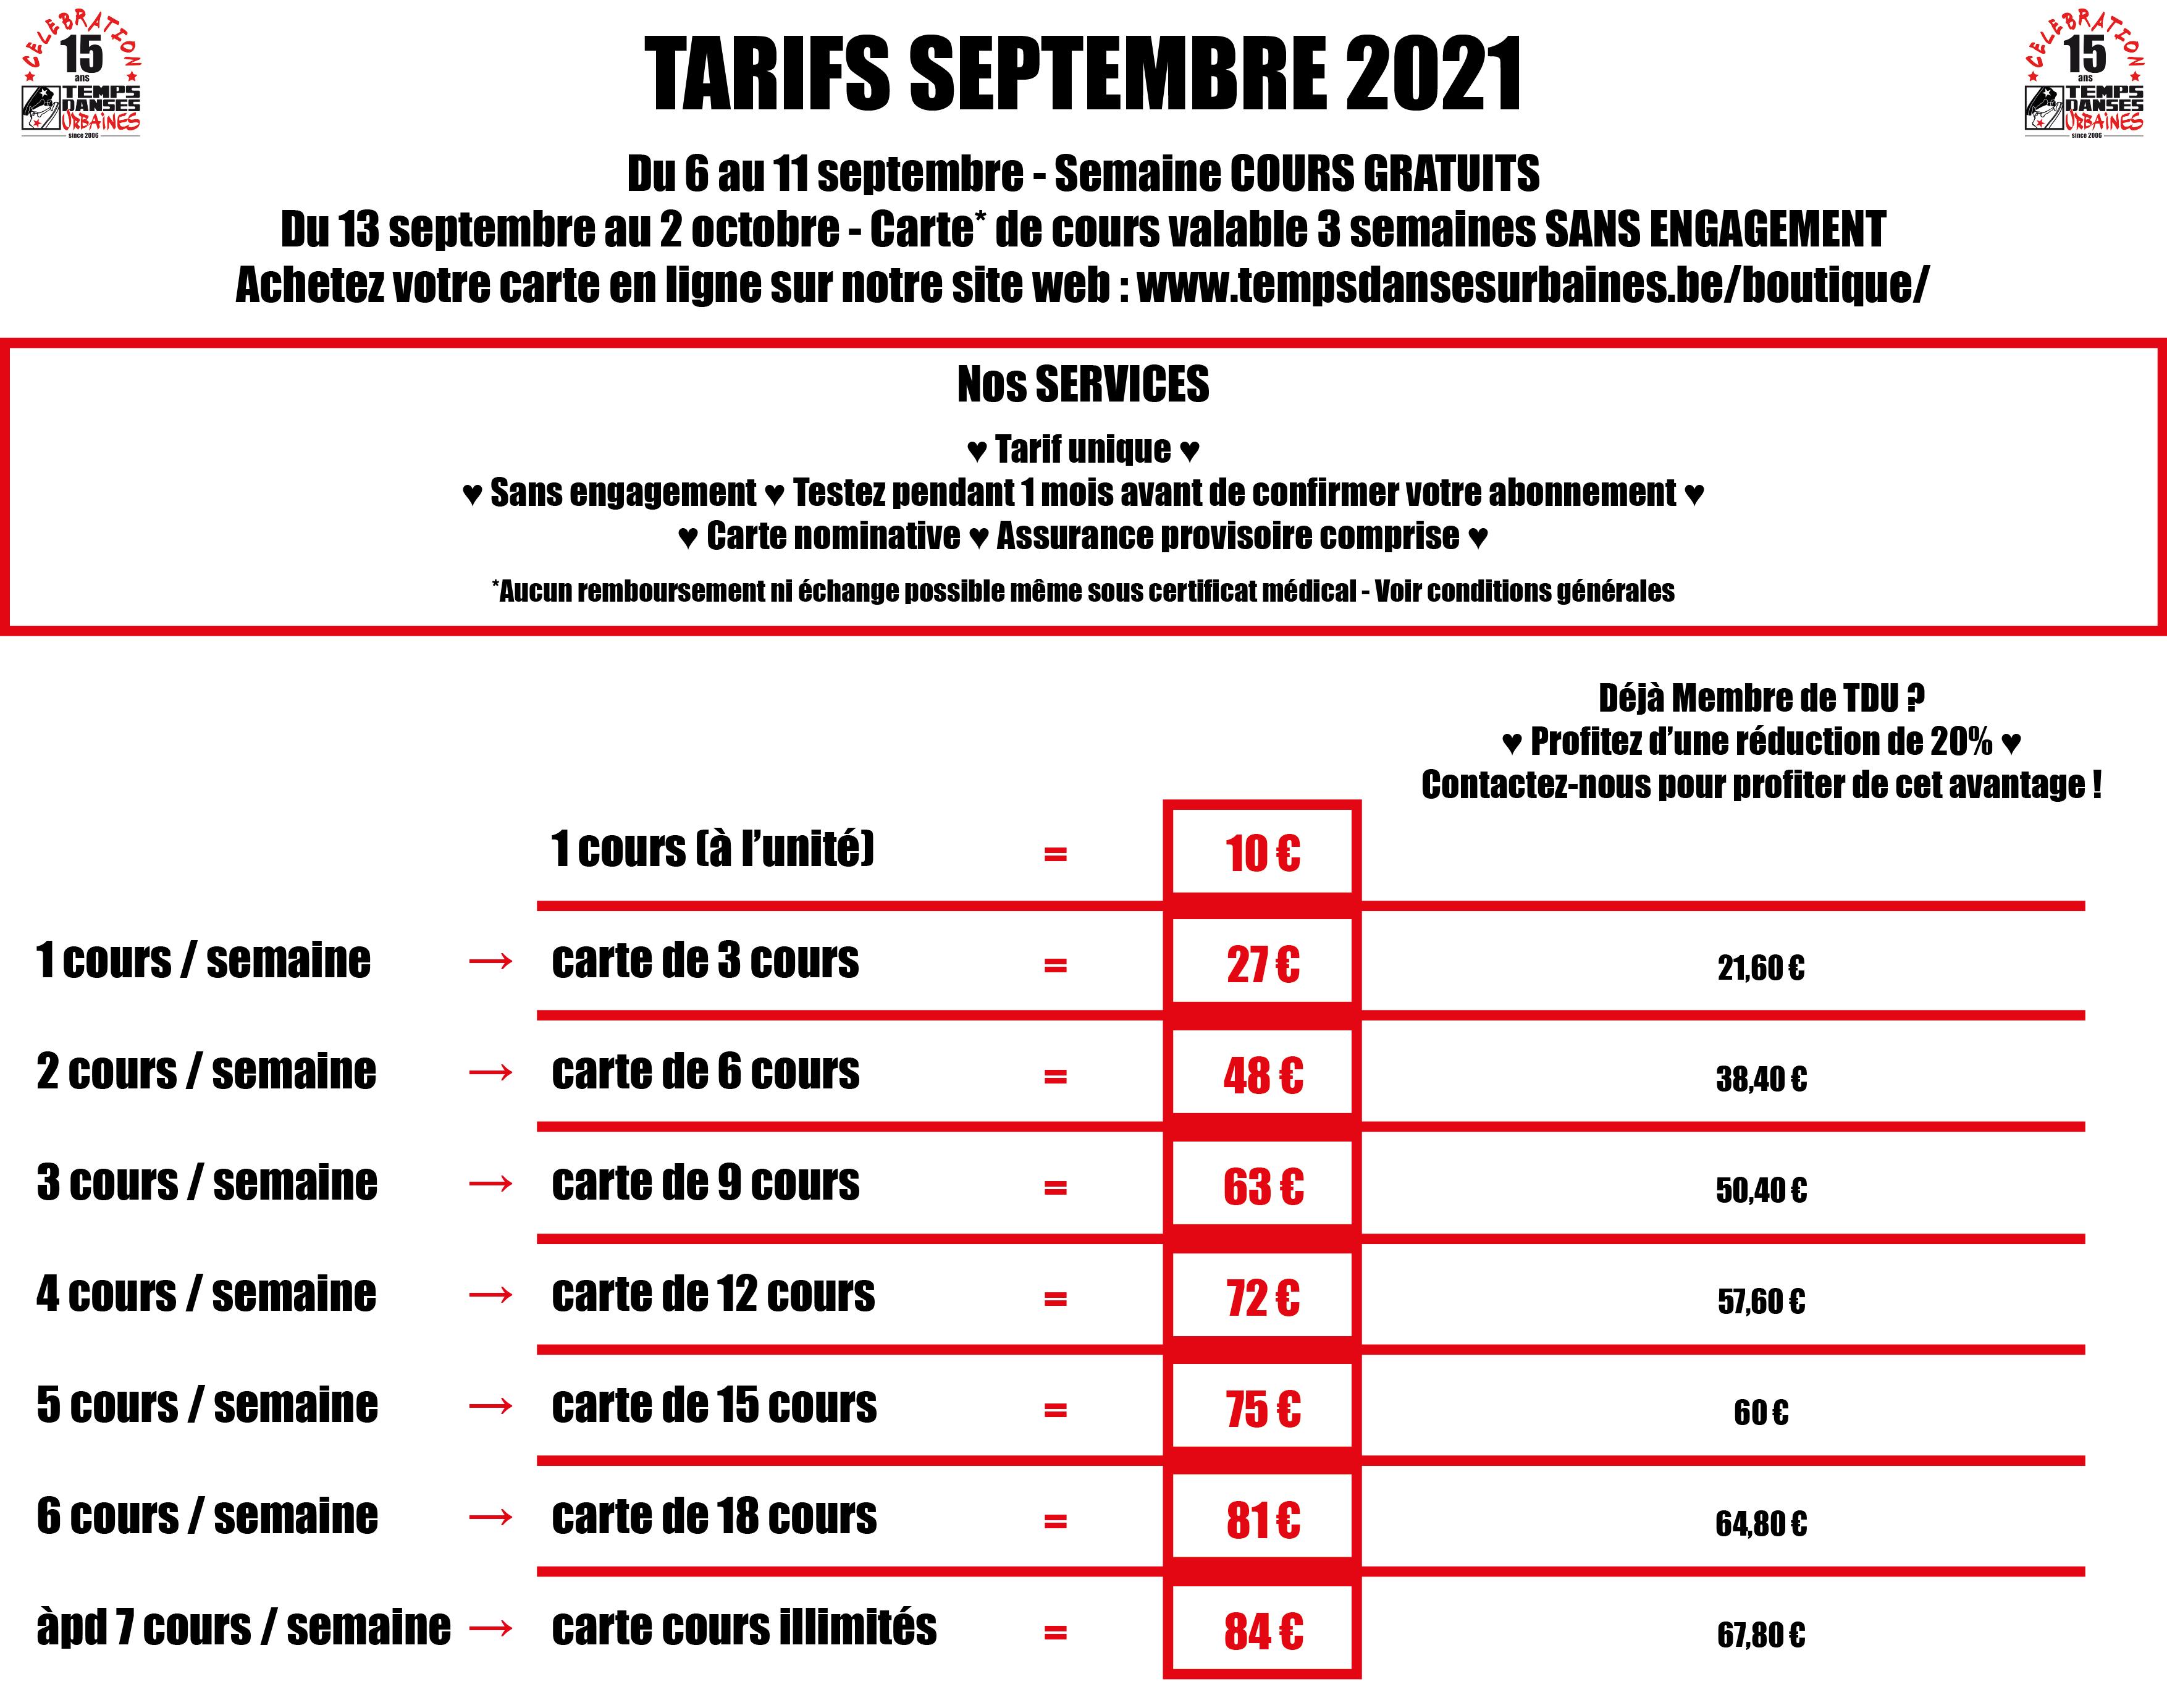 tarifs septembre